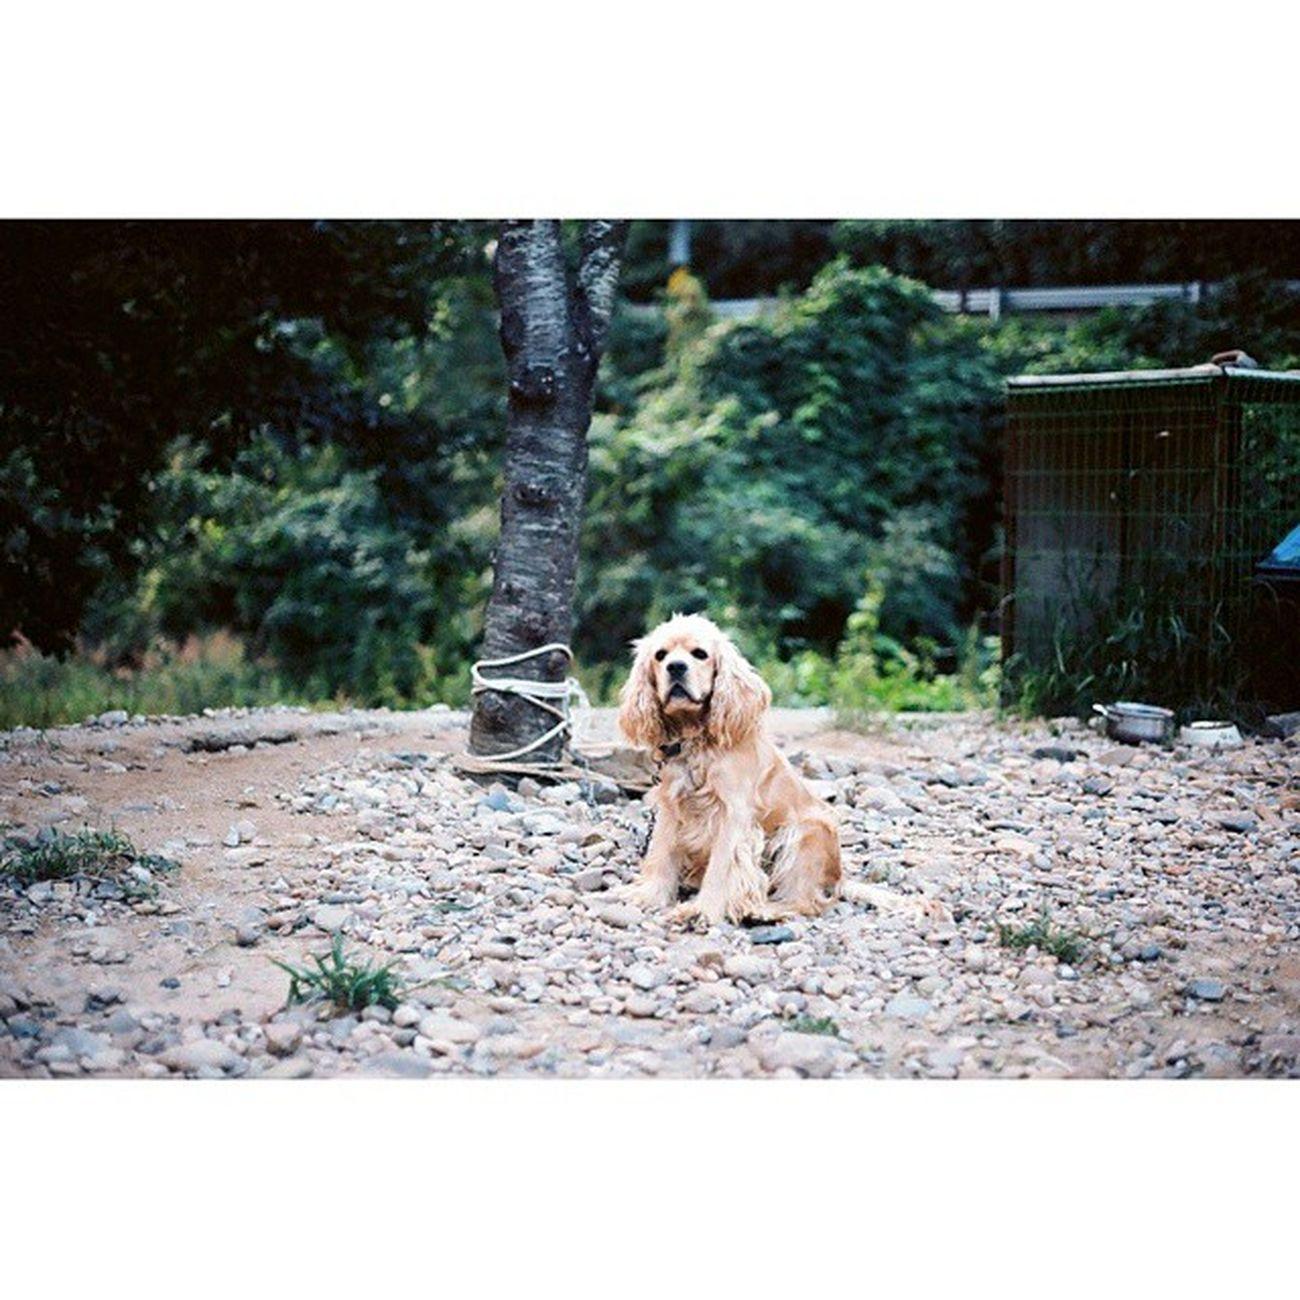 대구 칠곡 Y스튜디오 강아지 멍멍이 멍스타그램 필카 필름카메라 필름 일사스냅 취미 Canon NF1